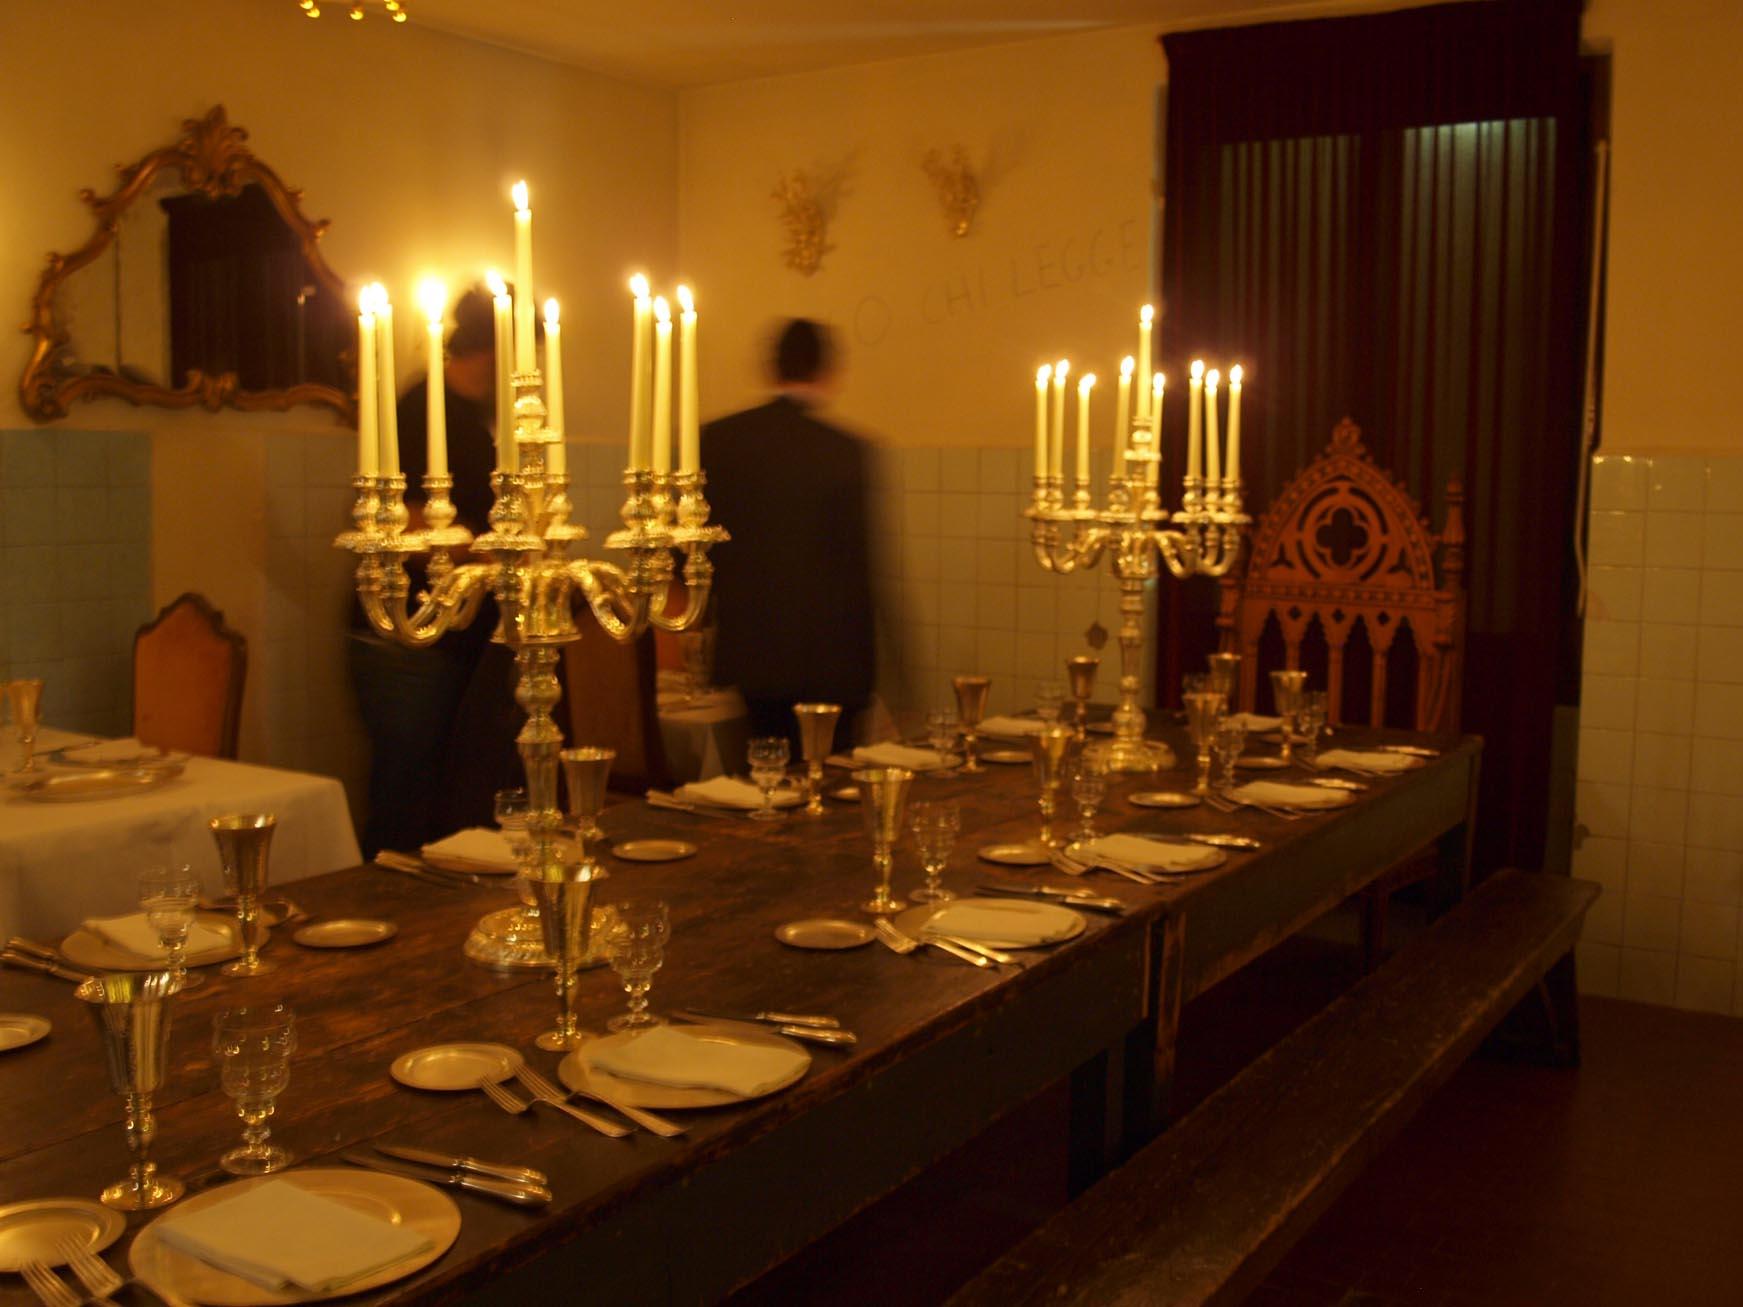 超感動!!フィレンツェにこんな素敵なレストランを発見!!記念日に選びたい1軒_c0179785_5523595.jpg